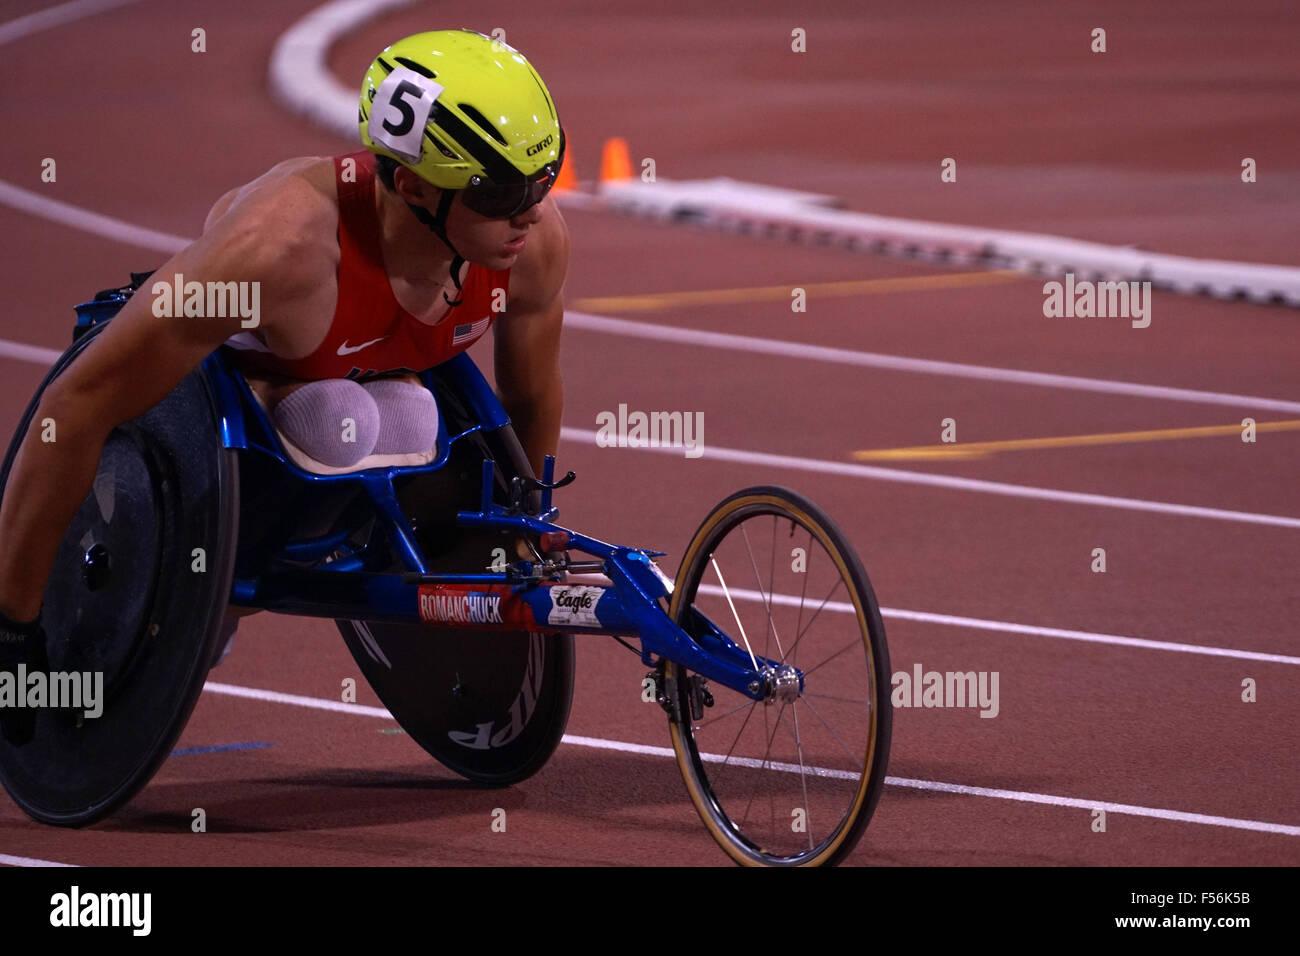 Doha in Qatar. 28 ott 2015. Panoramica eventi - Uomini 800m T54 - Round 1 il calore da 1 a 4 a 2015 IPC Atletica Immagini Stock